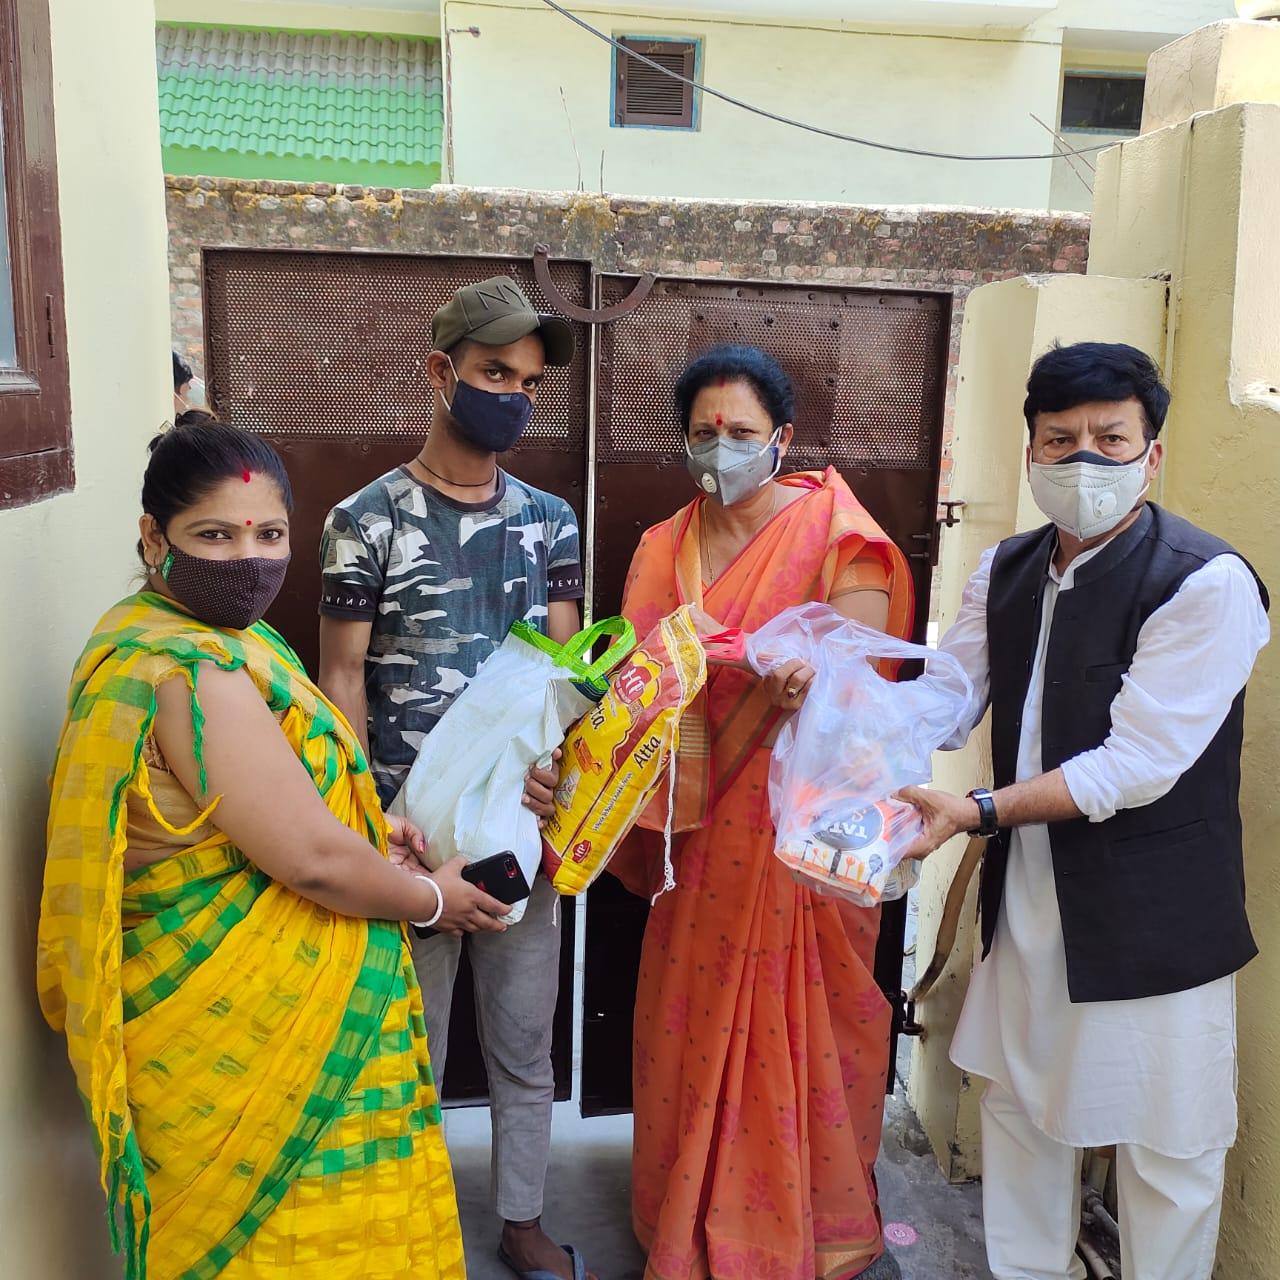 देखिए, कांग्रेस नेत्री मीना शर्मा किस तरह कर रही है लोगों की मदद